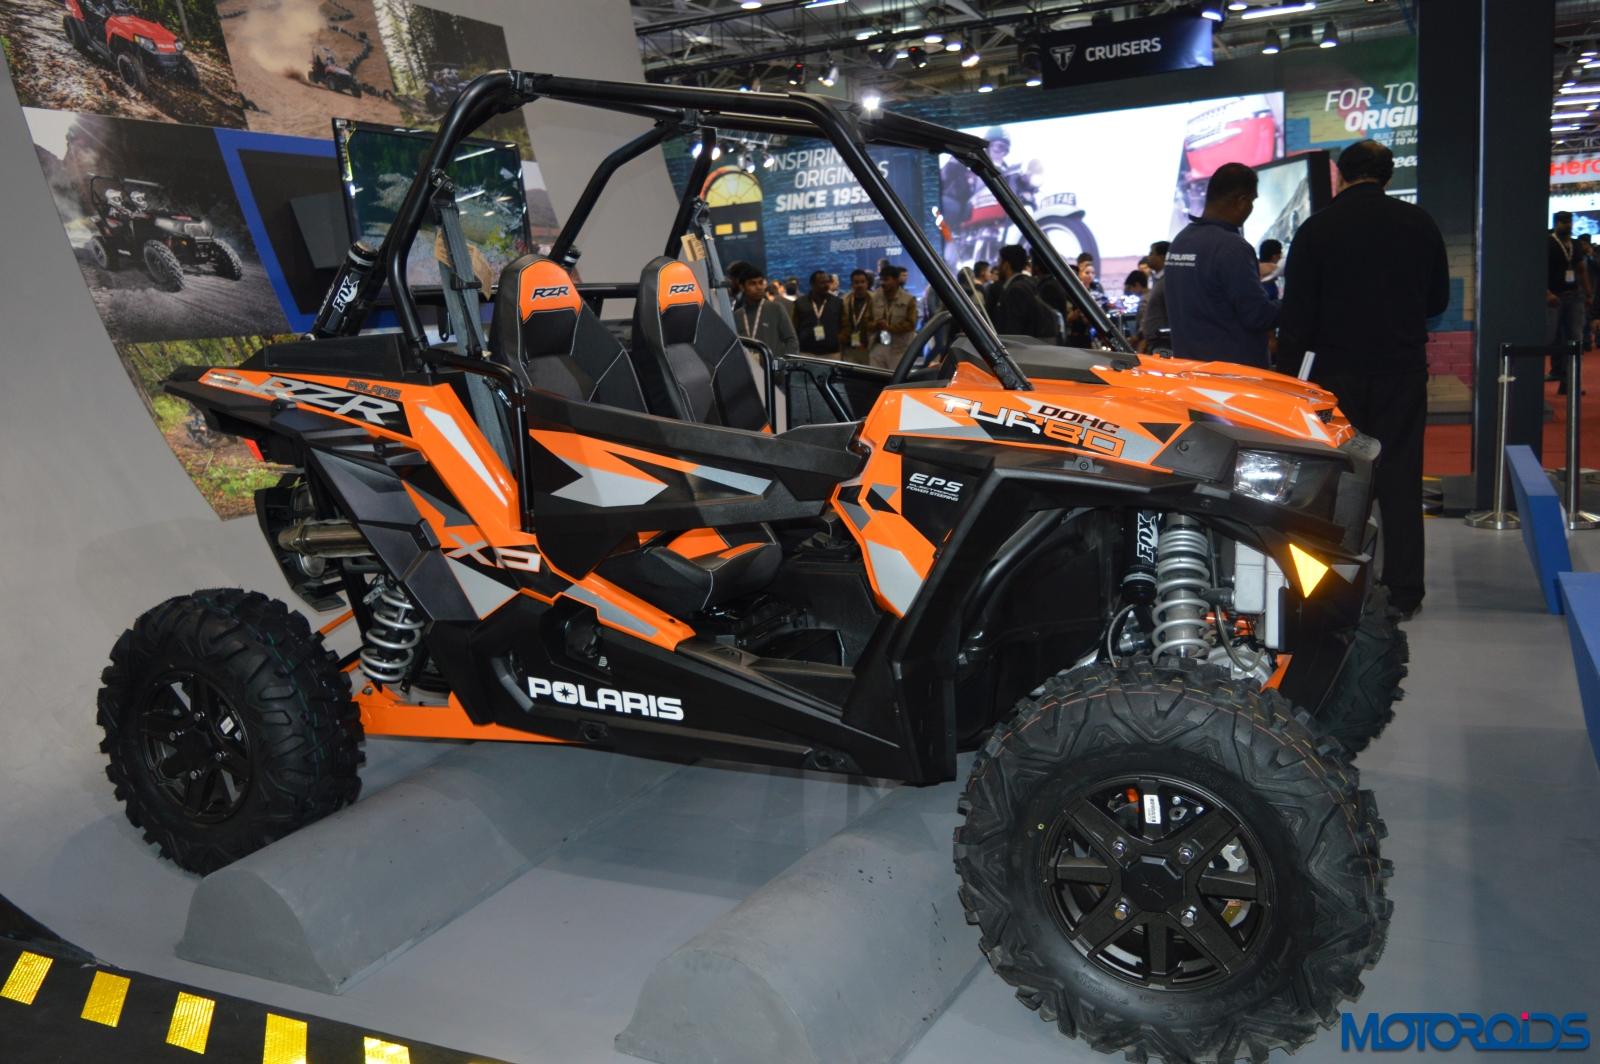 Auto Expo 2016: Polaris RZR XP Turbo EPS and the Sportsman ...